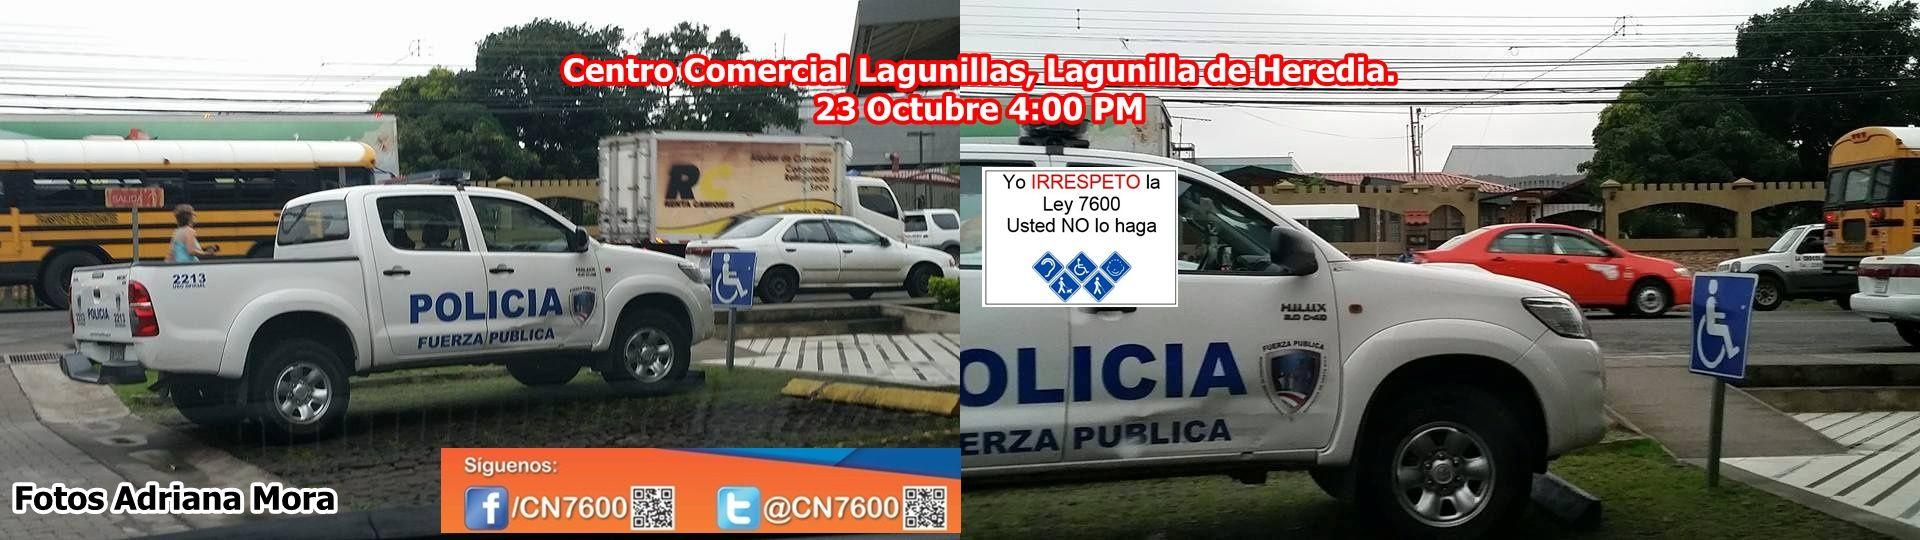 Fuerza Publica De Costa Rica Irrespeta Estacionamientos Reservados Para Pcd Estacionamiento Fuerza Costa